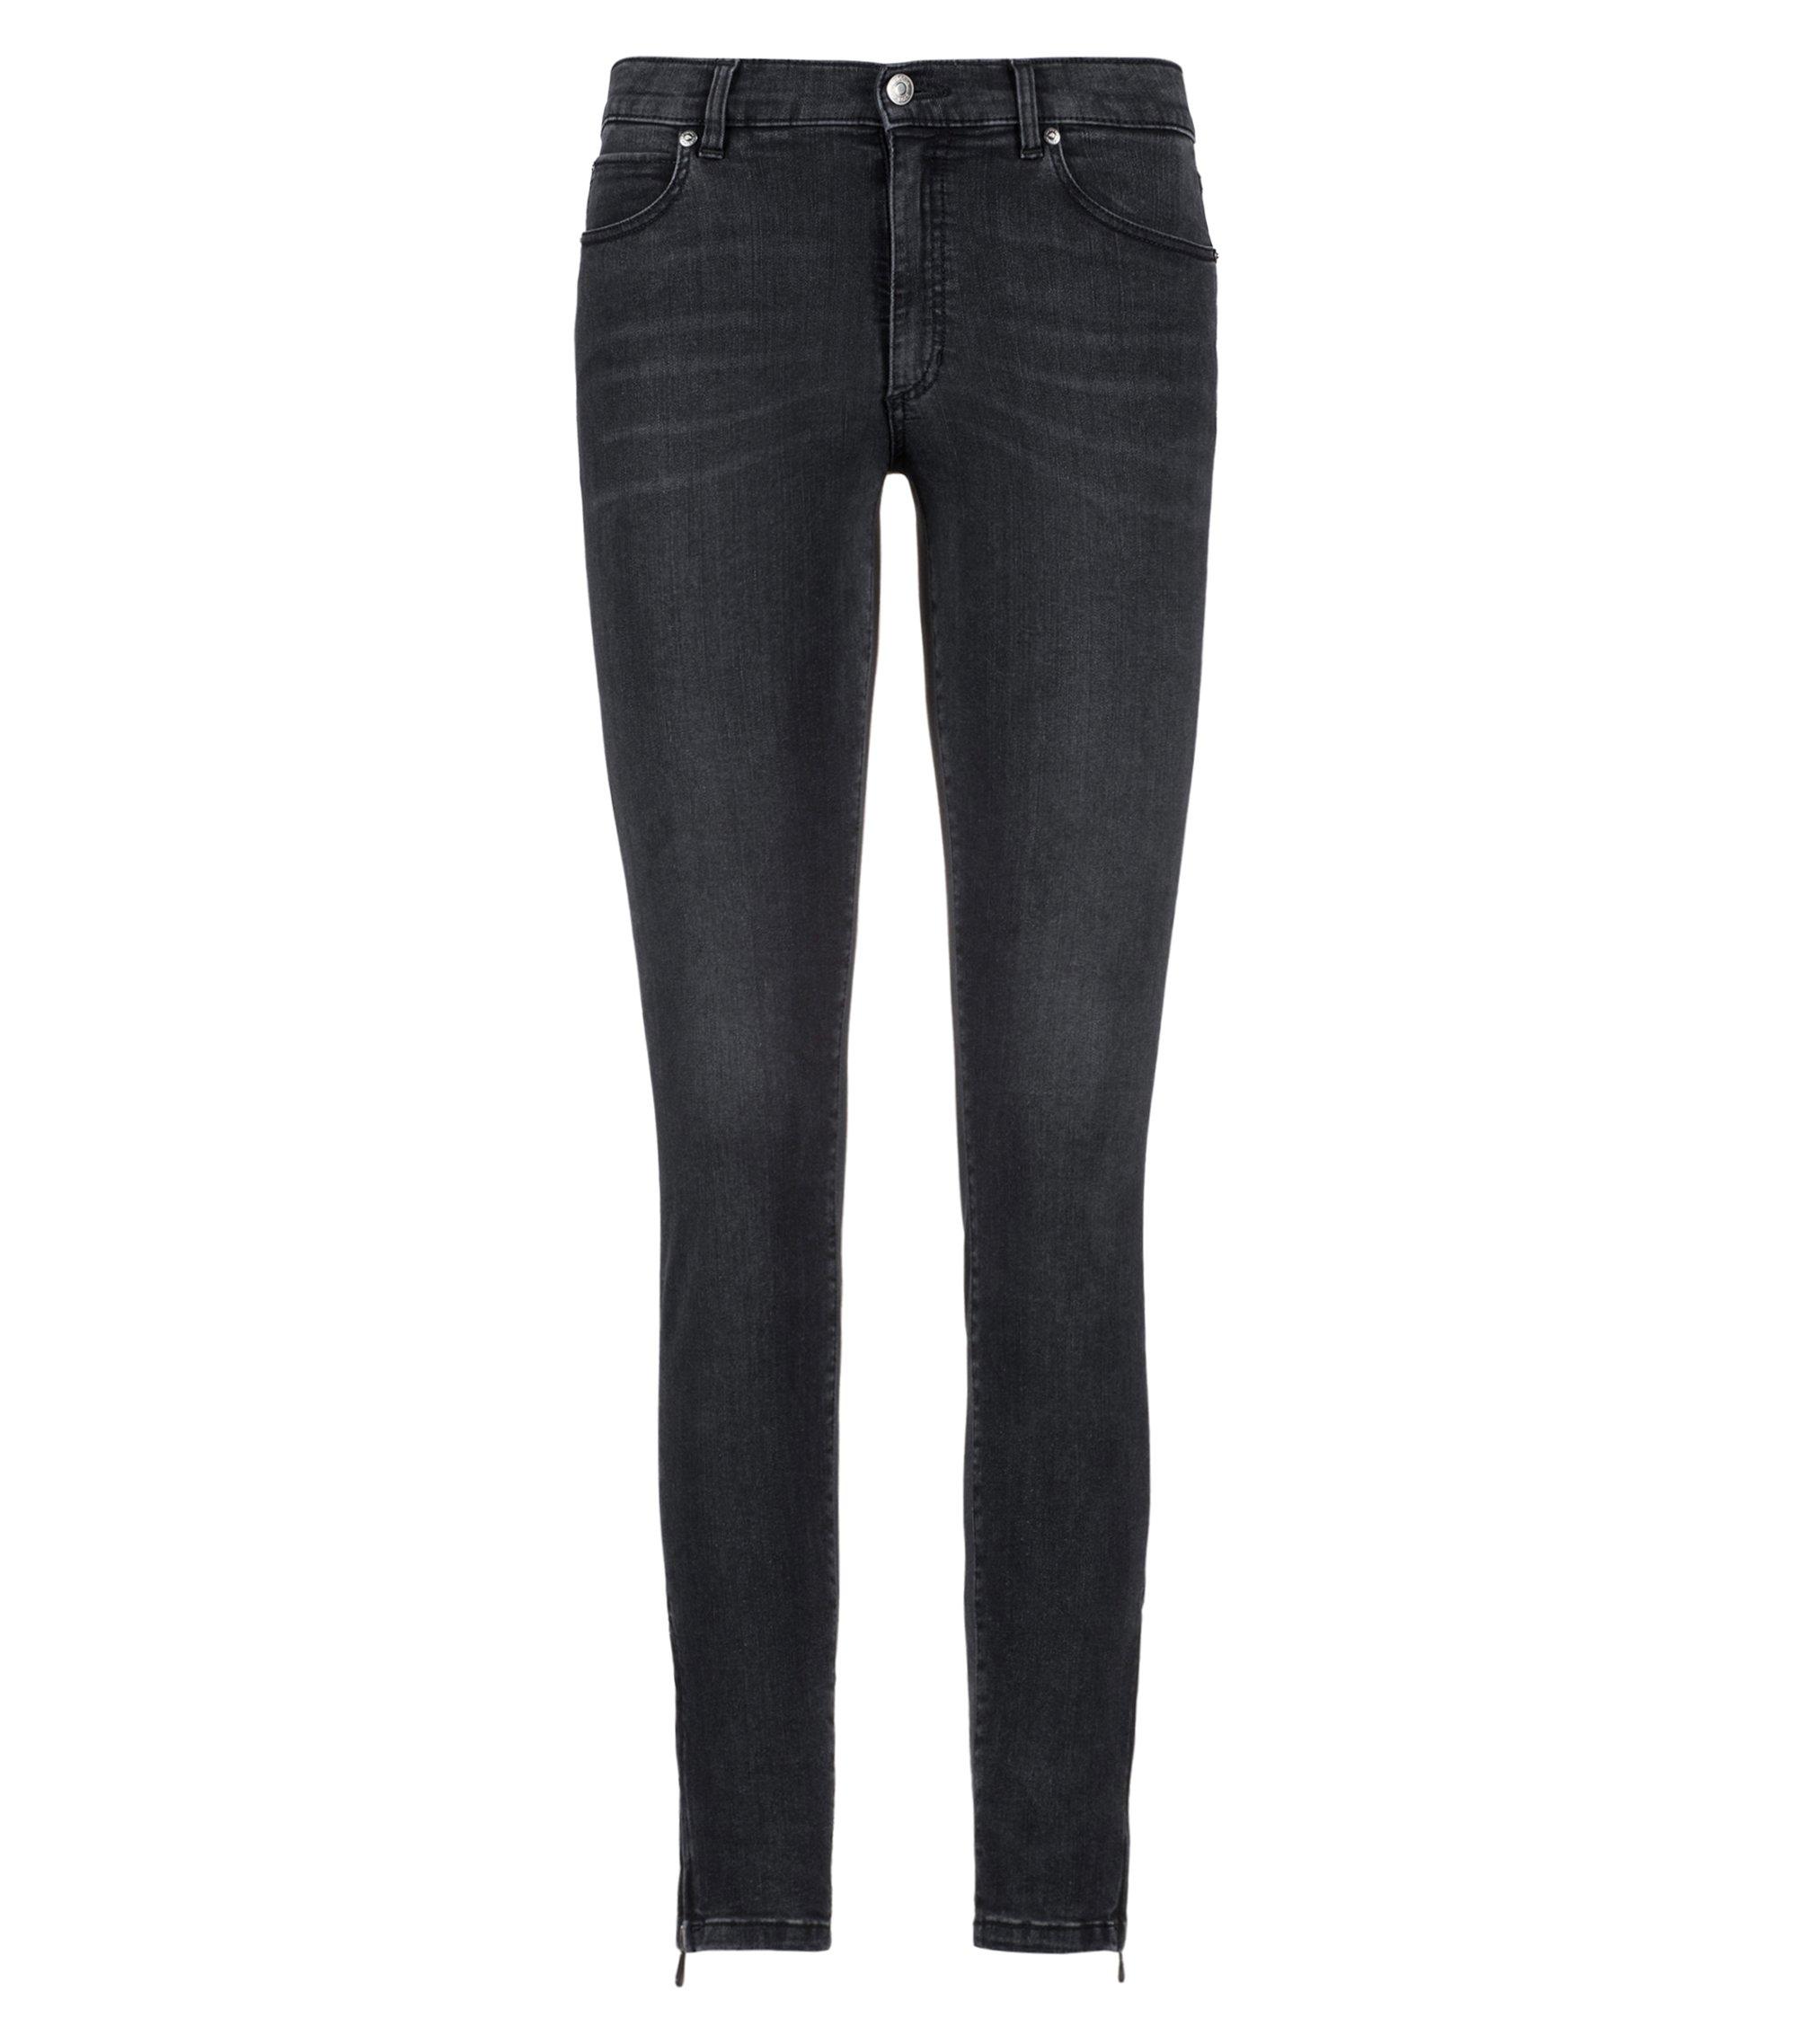 Jeans skinny fit in denim elasticizzato con fondo gamba con zip, Grigio scuro